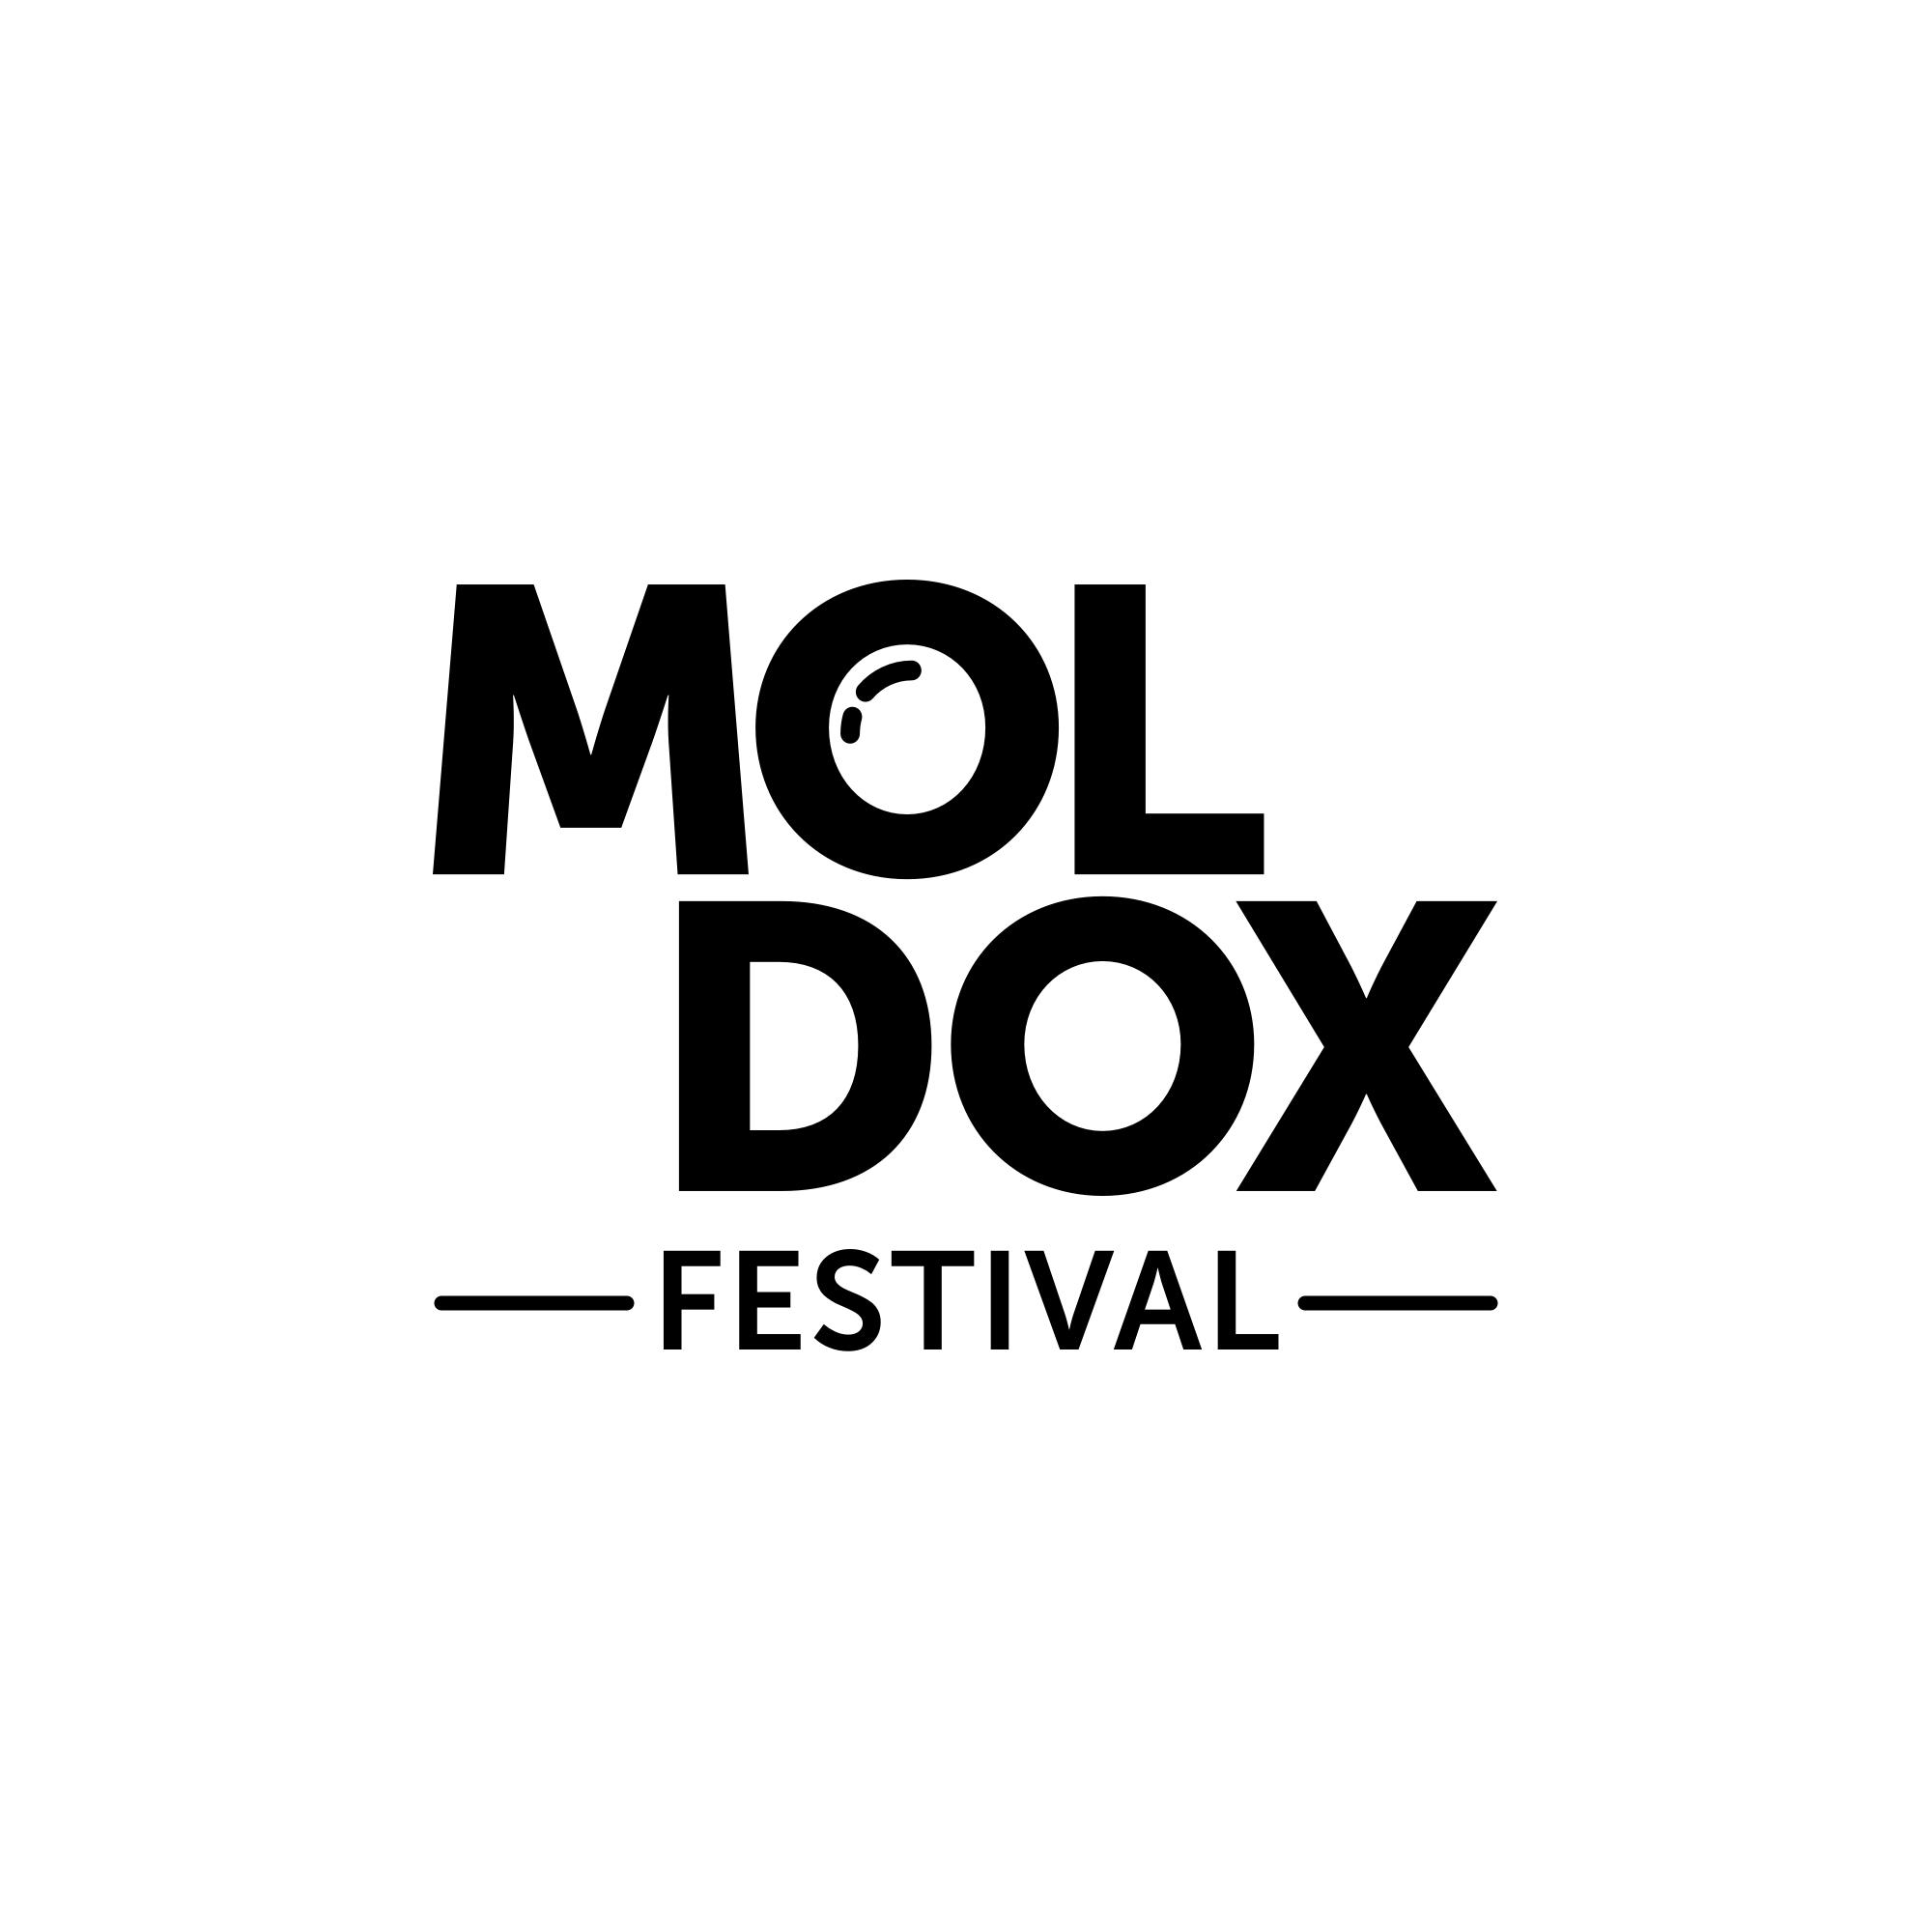 Descarcă Moldox Festival App și fii la curent cu programul festivalului